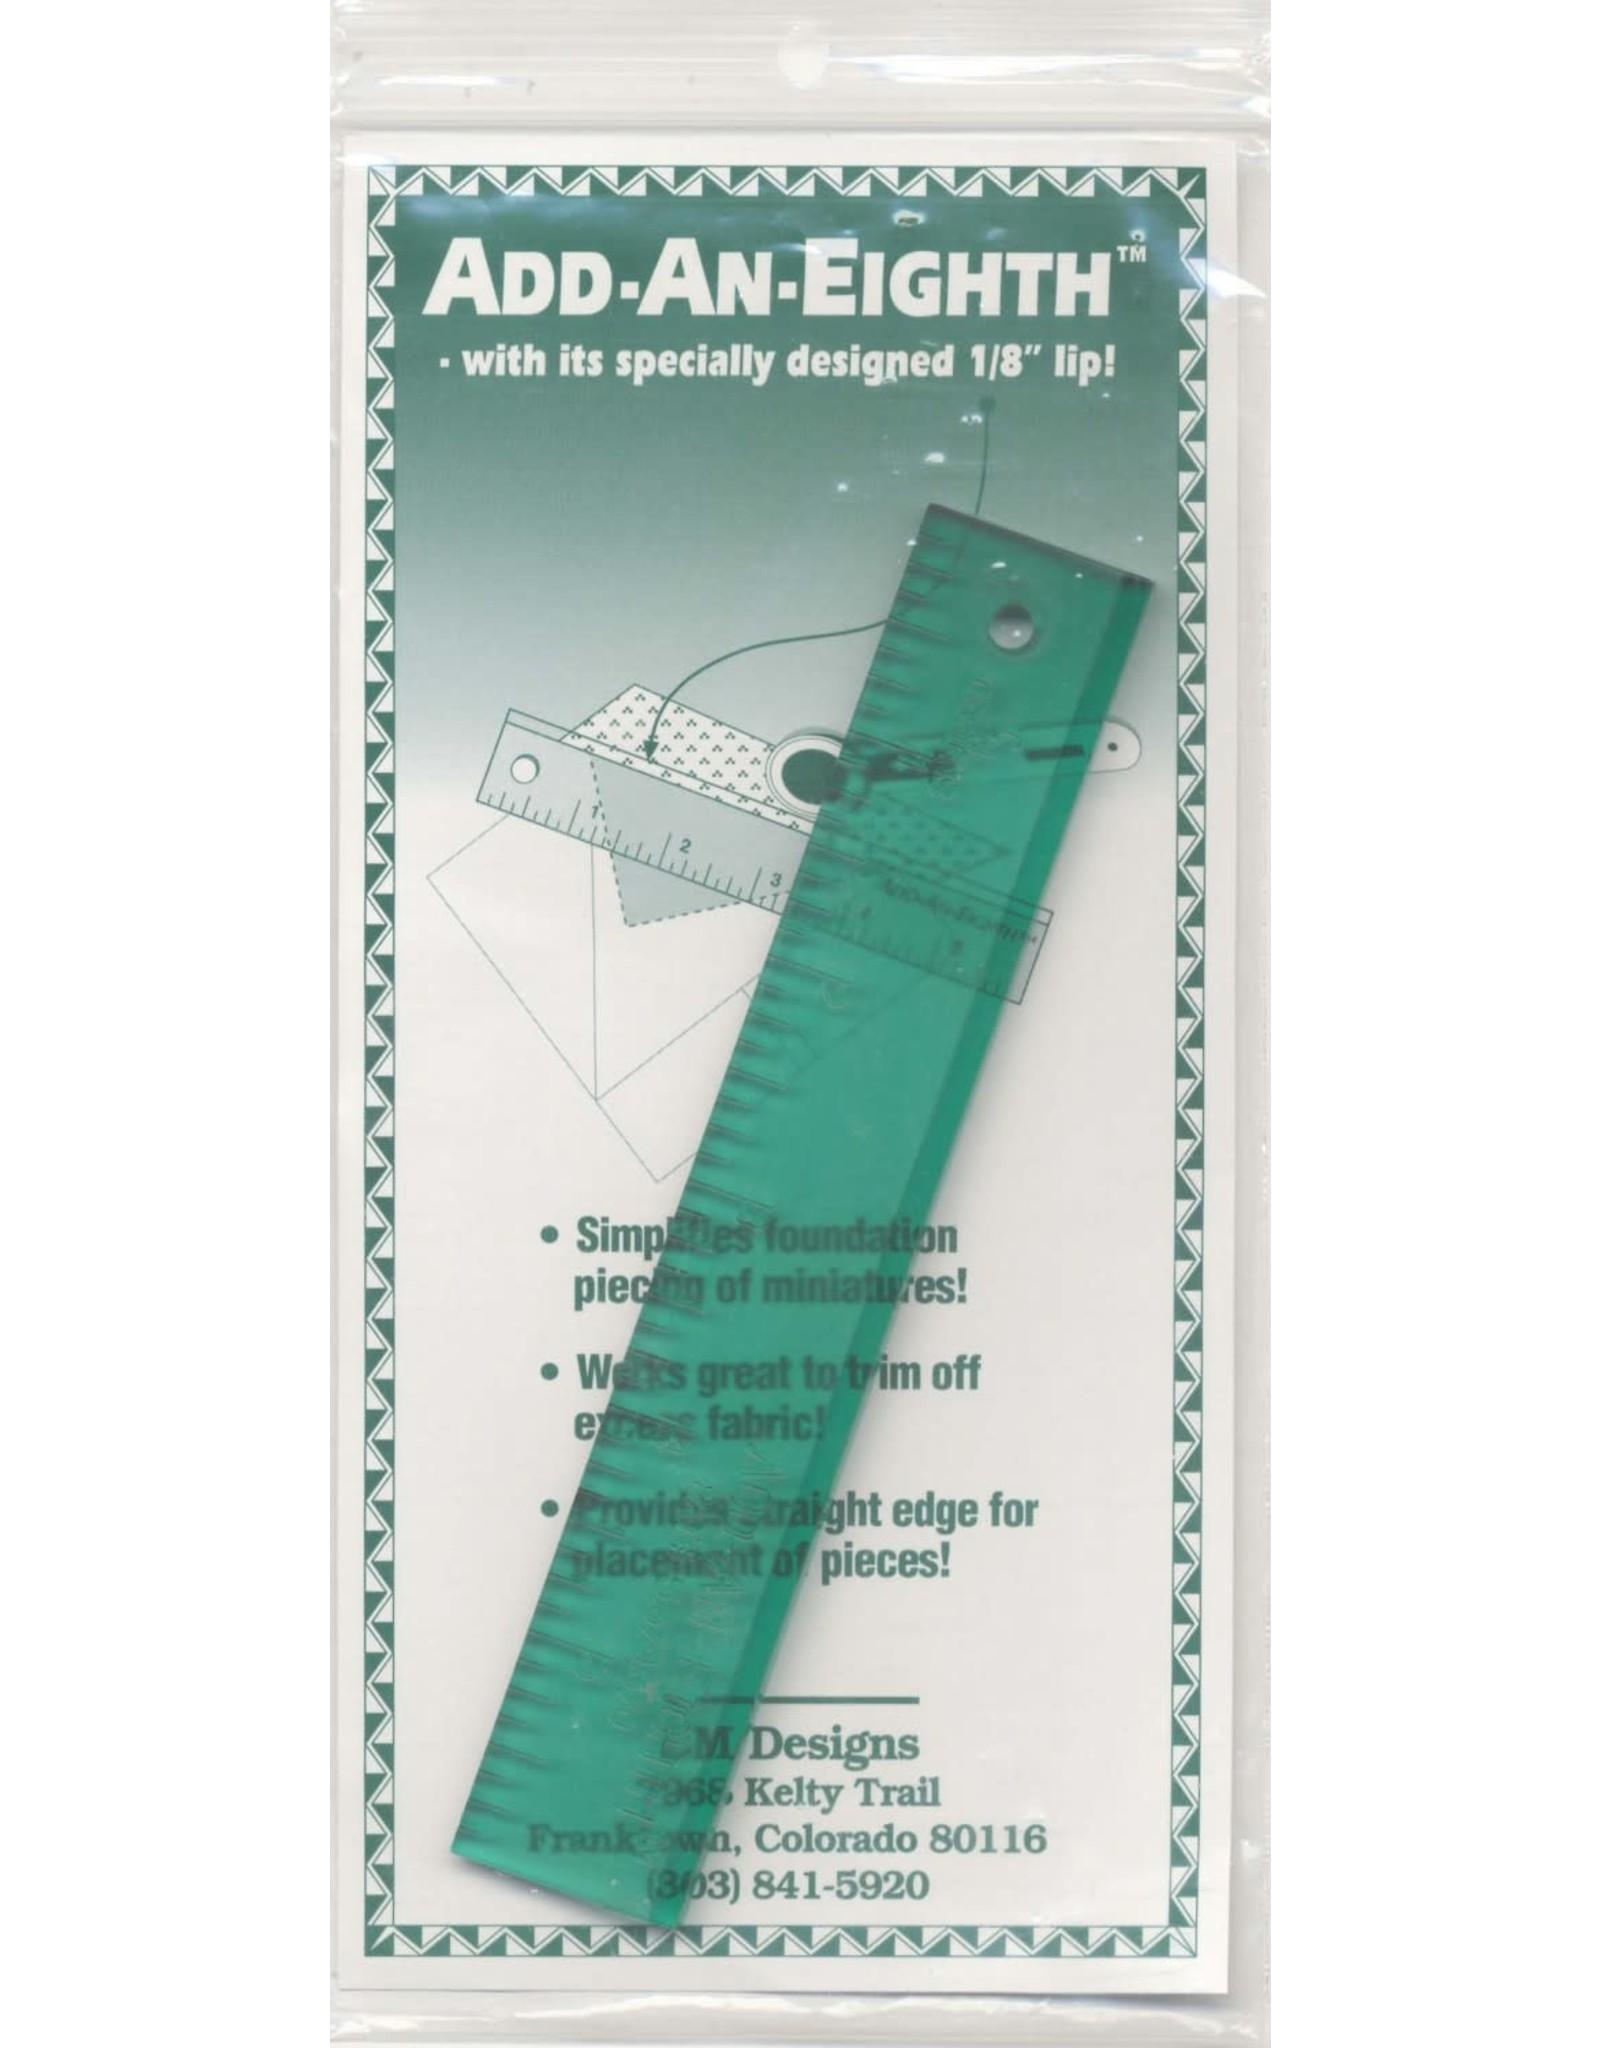 Diversen Add-an-Eight Ruler - 1 x 6 inch